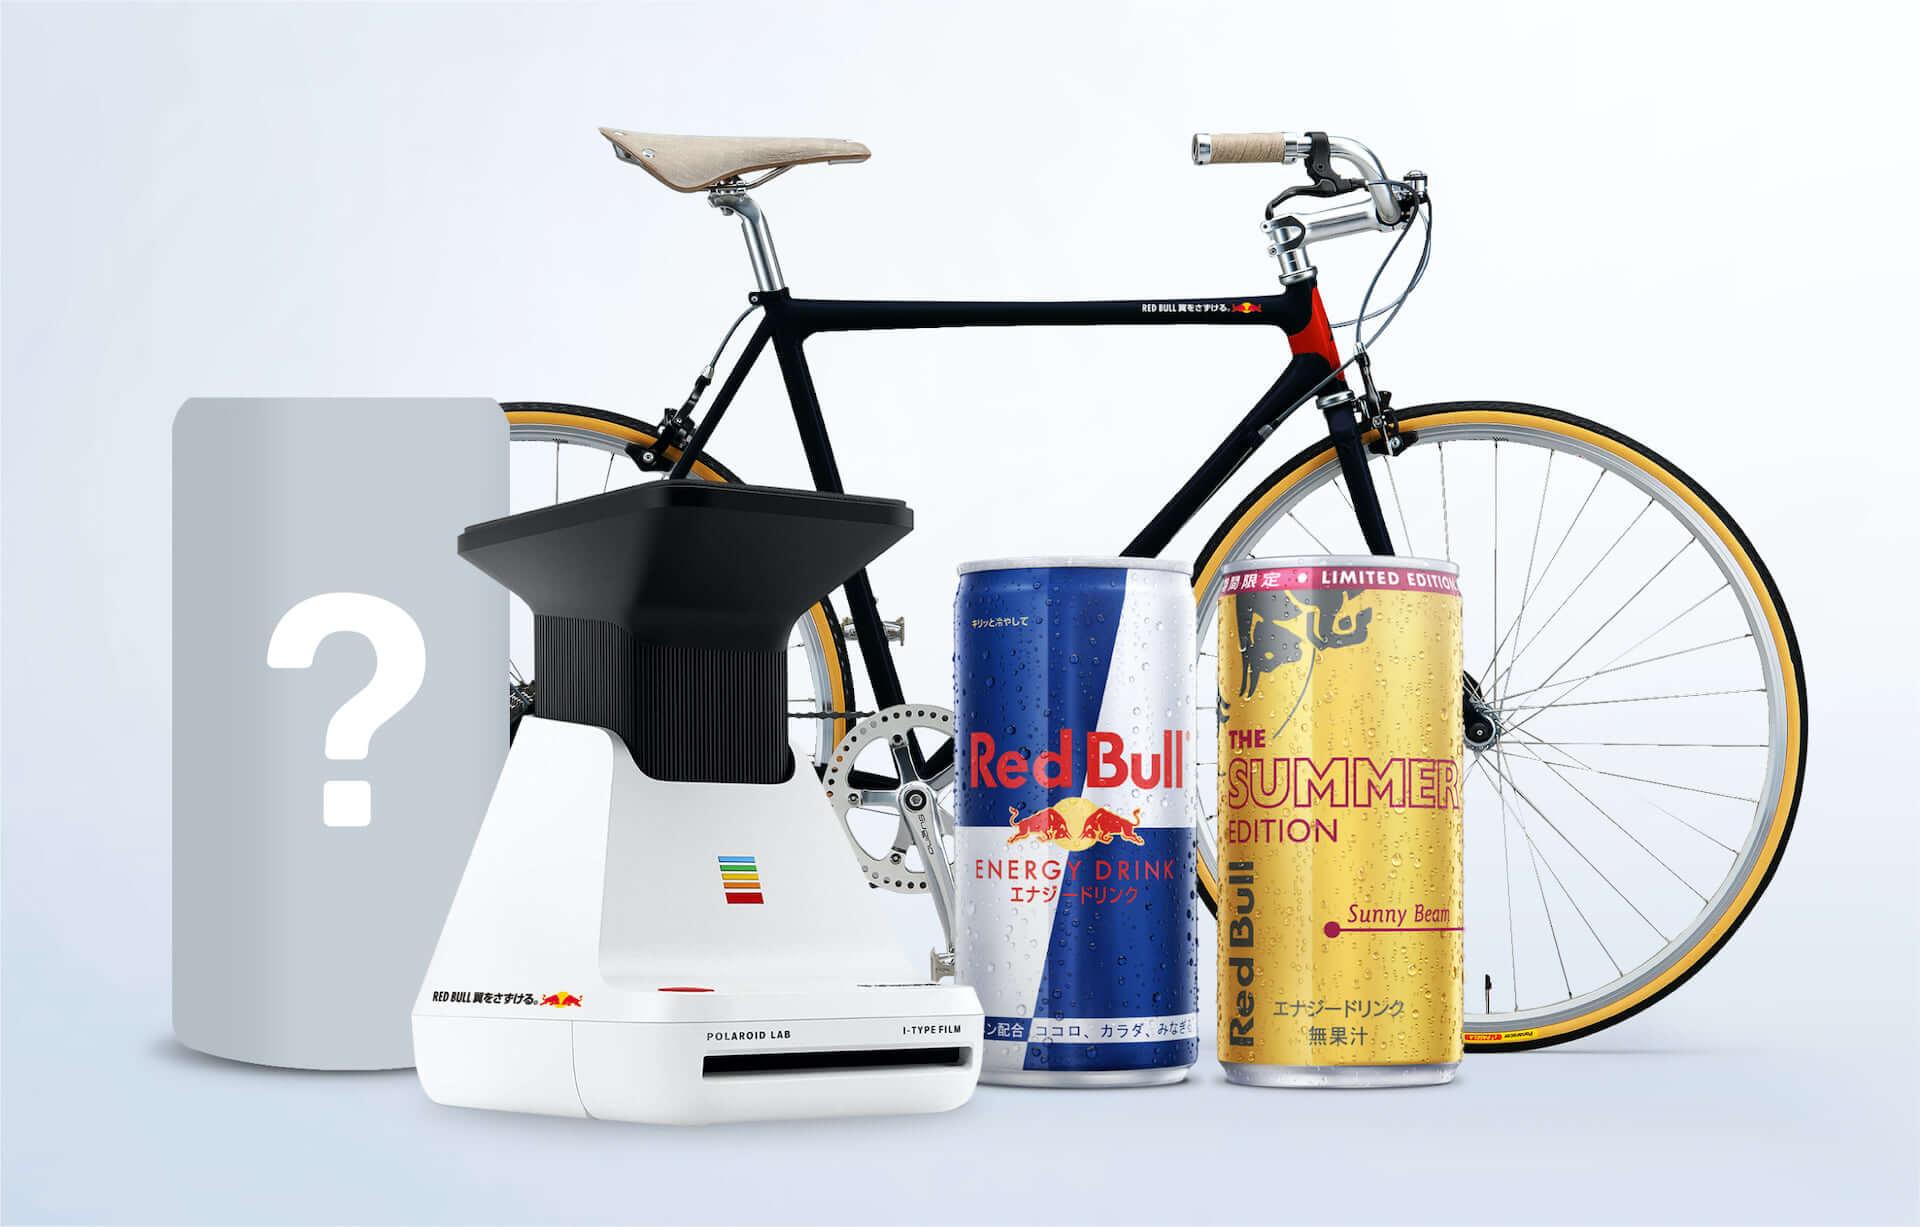 高級自転車やポラロイドカメラ、イヤホンなどが当たるレッドブルのキャンペーン「Red Bull I CAN」が始動!エリーローズ、五十嵐カノアら出演ムービーも公開 art200630_redbull-ican_2-1920x1227